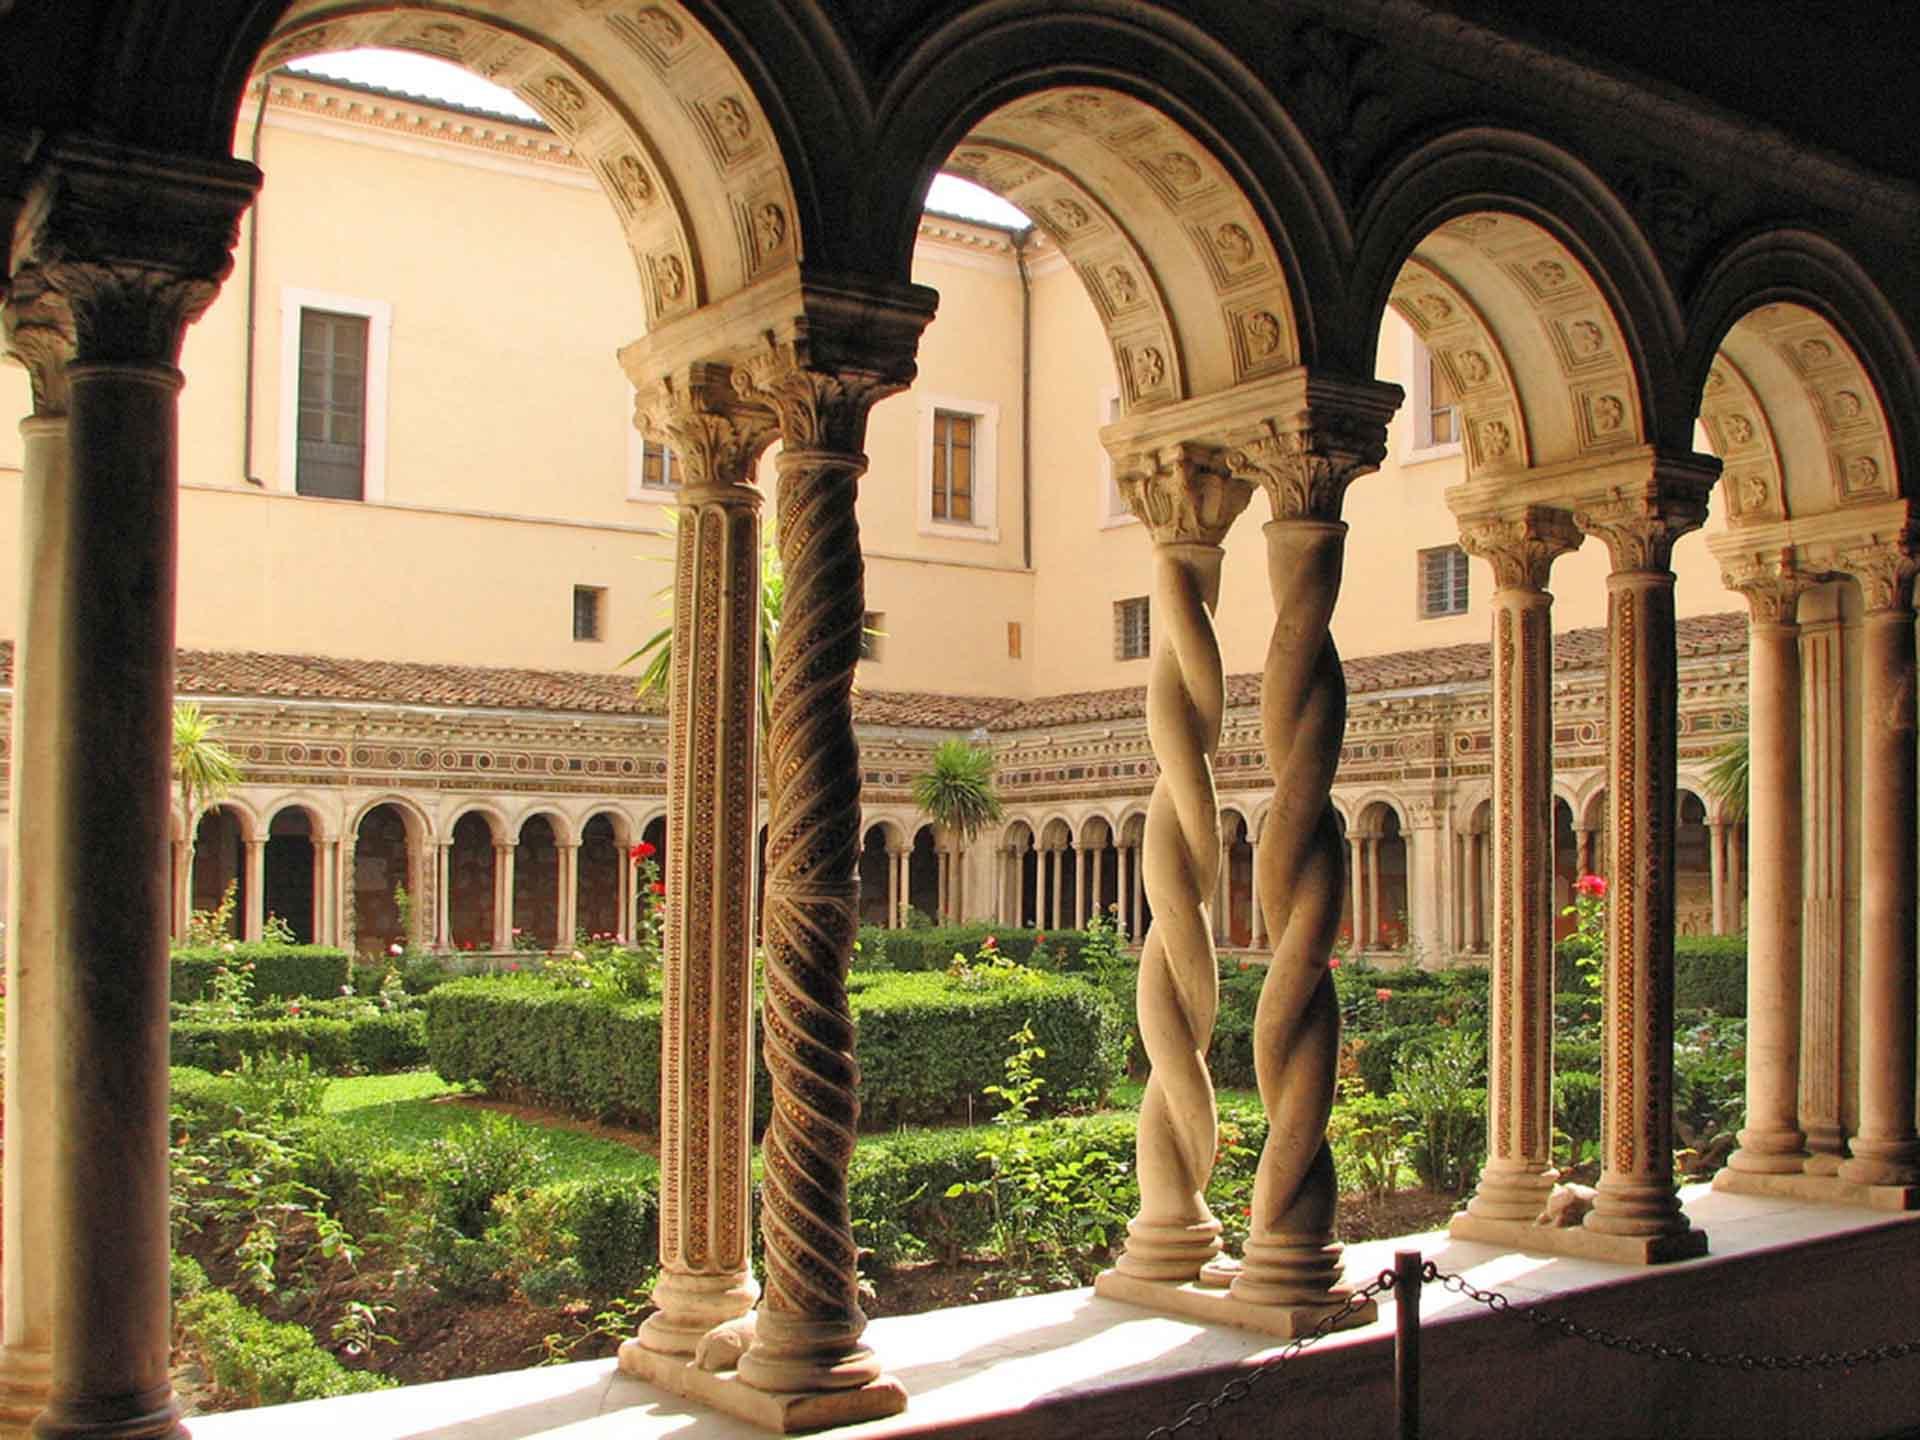 Cultural Rome - Visita Guidata Basilica di San Paolo fuori le Mura - 01 - ANT